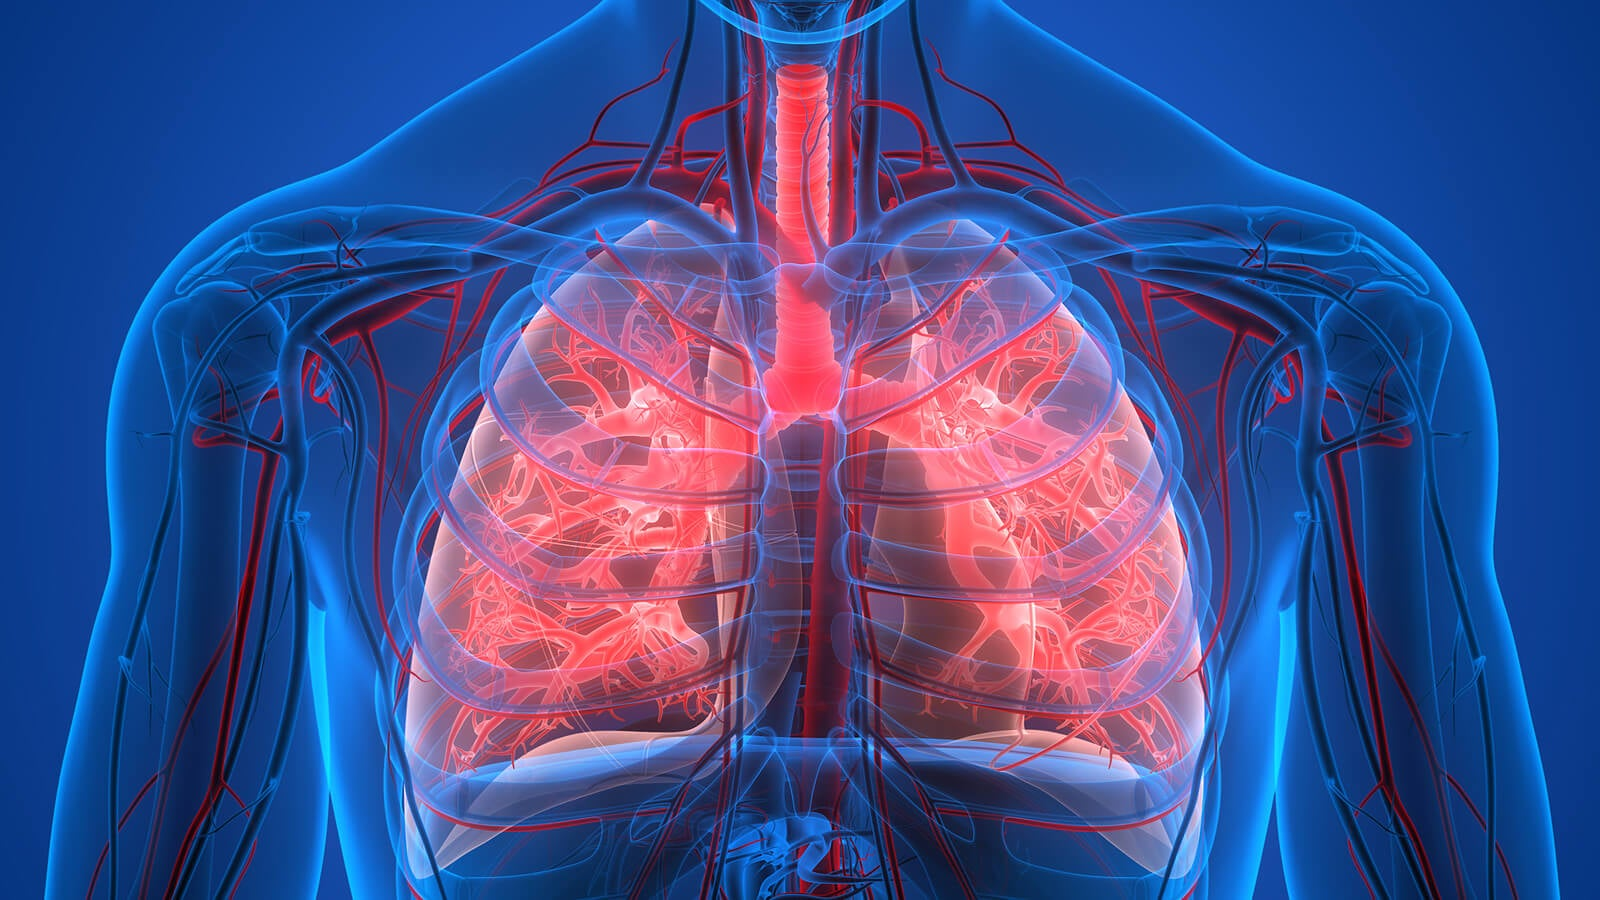 La diabetes y los problemas respiratorios se relacionan por el daño vascular